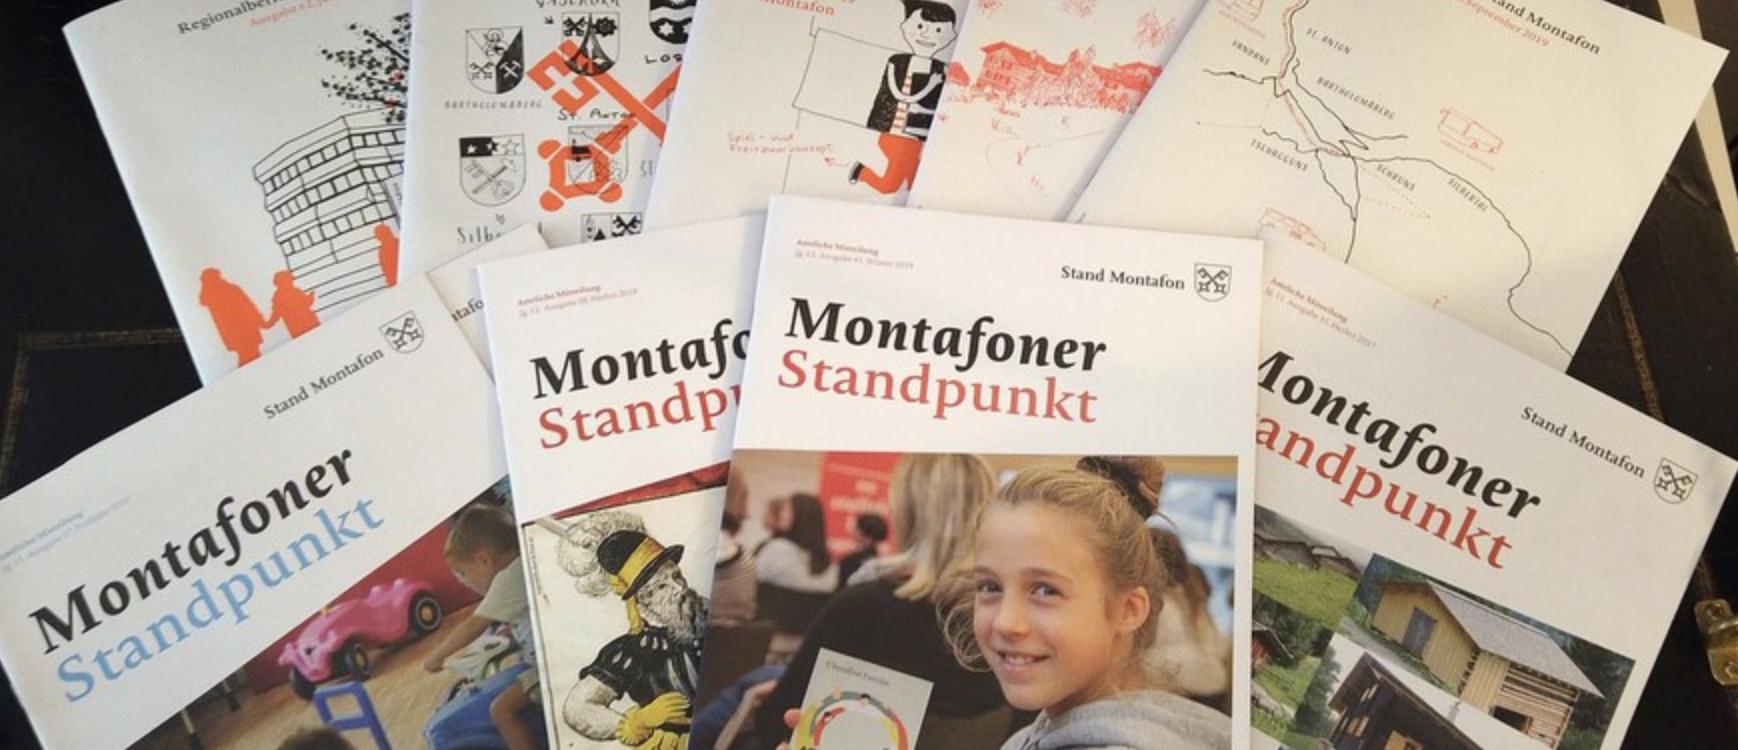 Der Stand Montafon ist der Gemeindeverband der zehn Montafoner Gemeinden im Süden Vorarlbergs. Als Regionalmanagement des Tales übernimmt der Stand vielfältige Aufgaben in den hier aufgelisteten Bereichen.